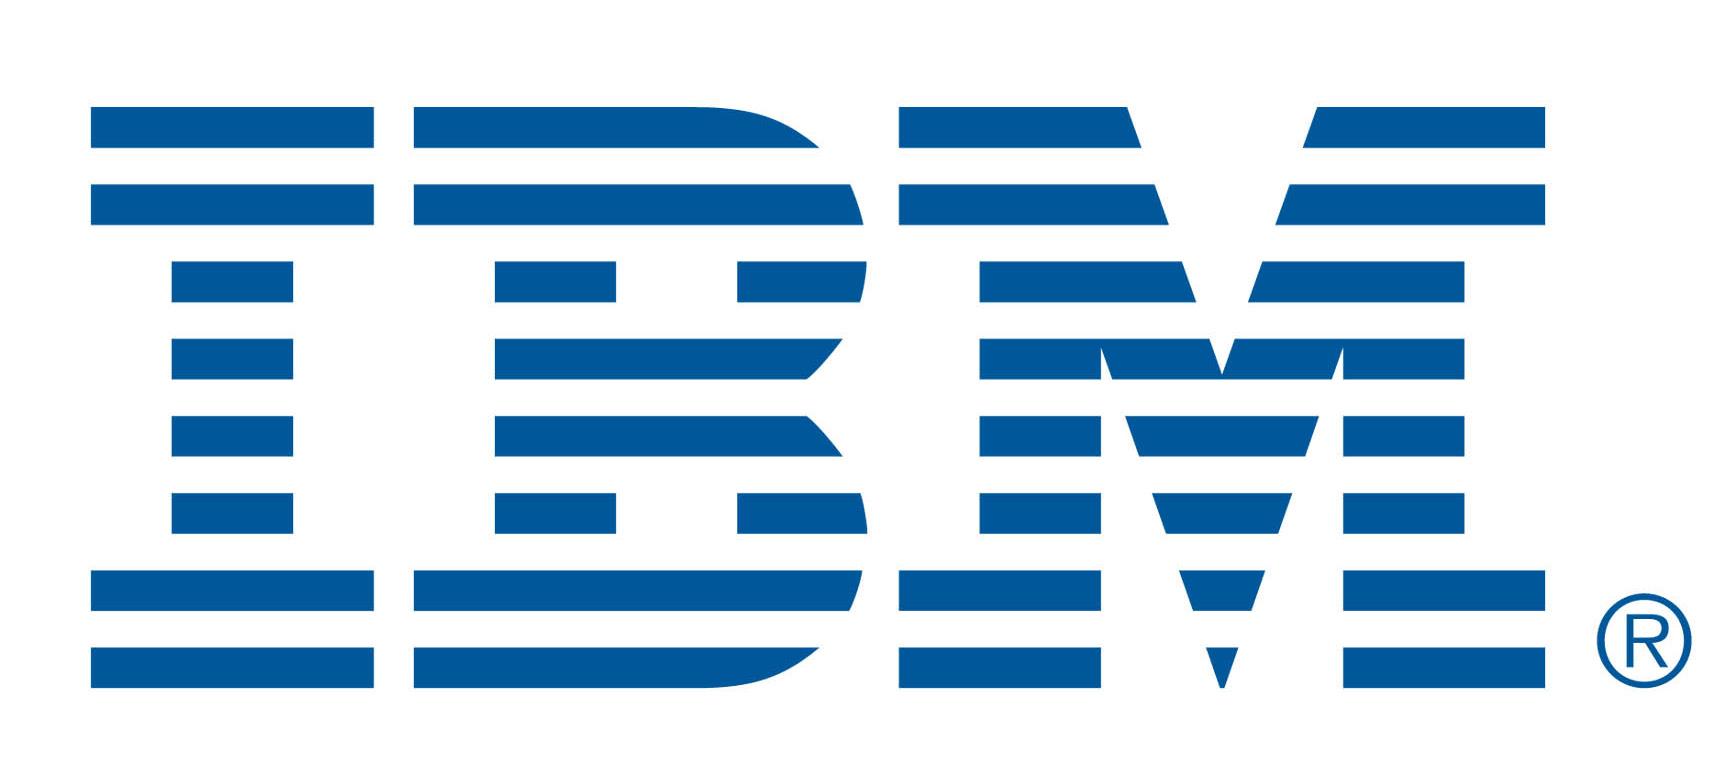 051614-openstack2-logo-ibm-100271773-orig